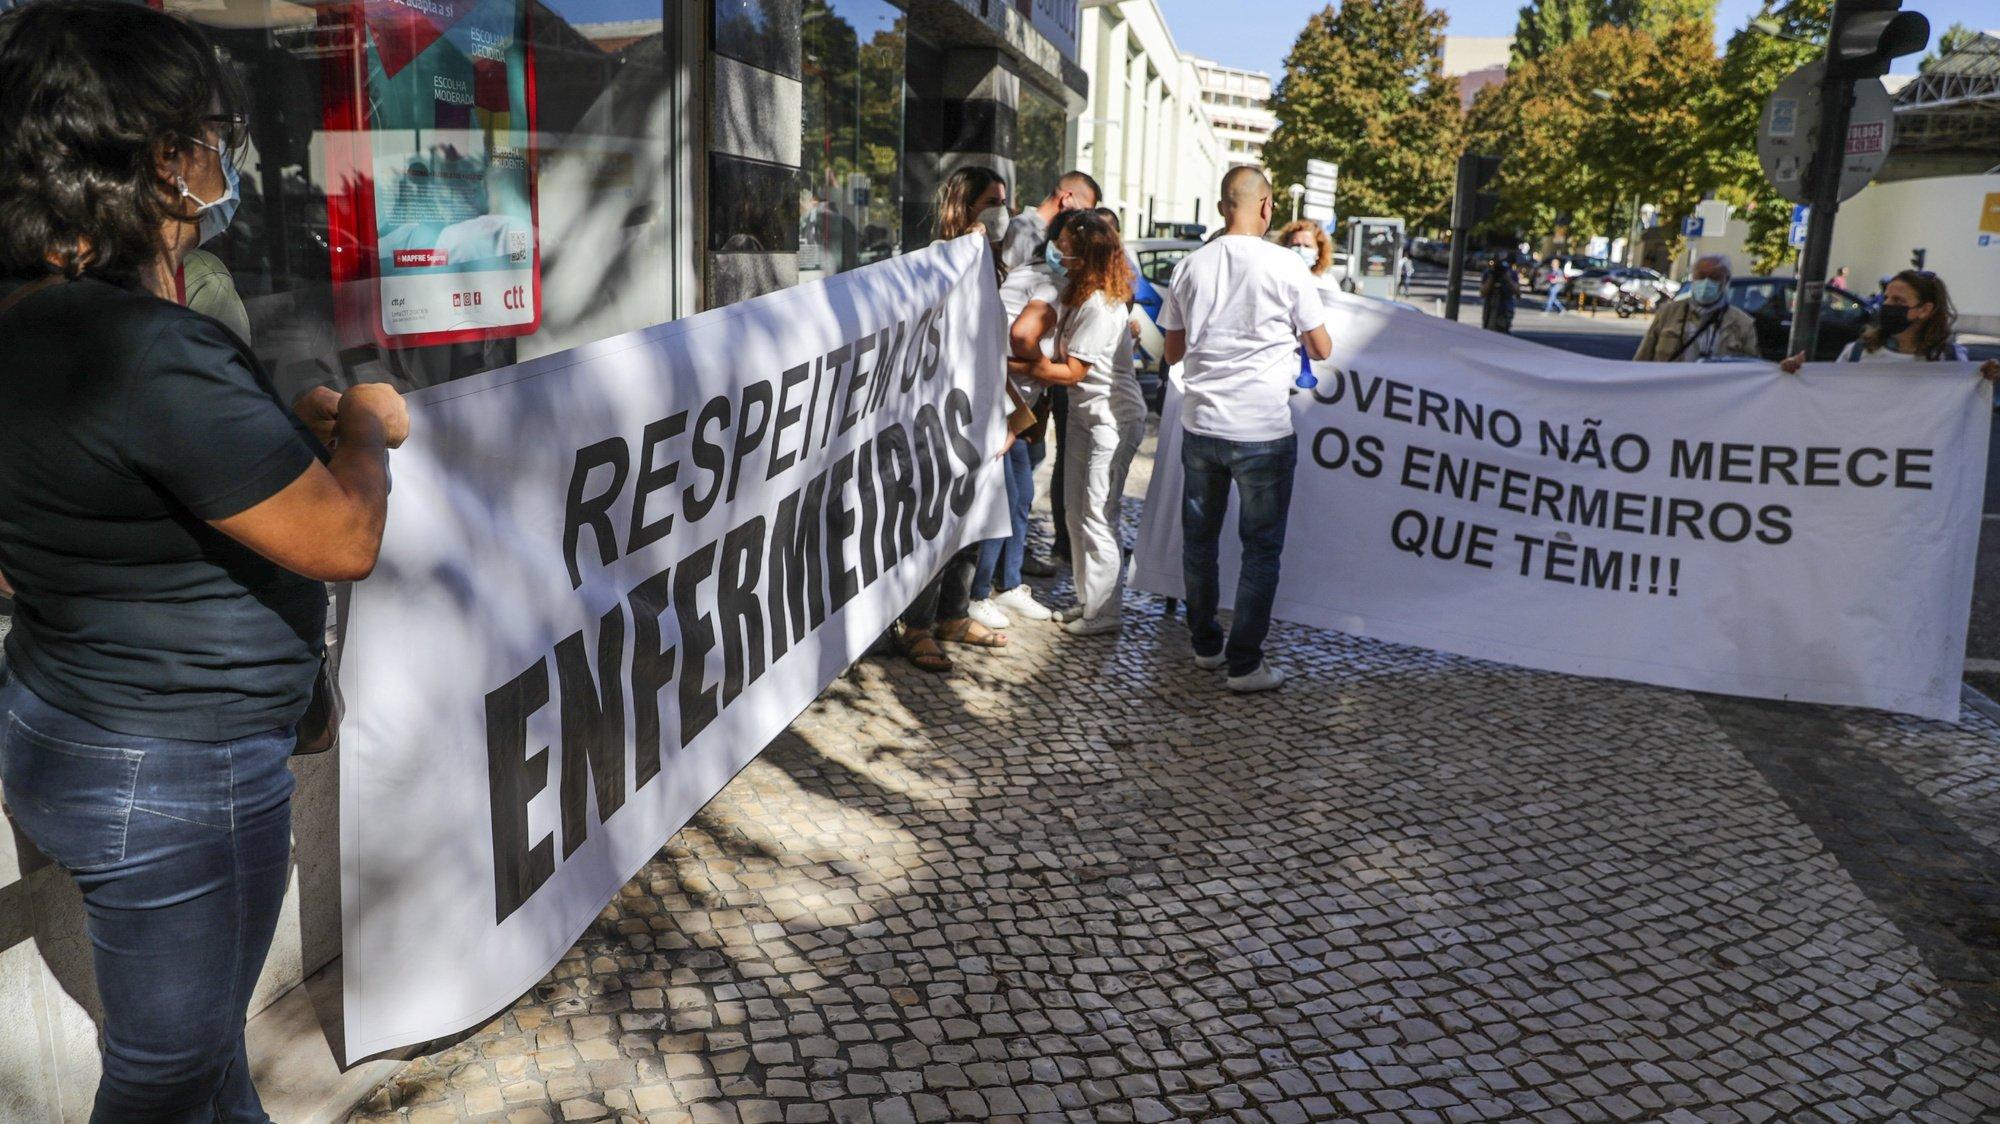 Cerca de duas dezenas de enfermeiros manifestaram-se em frente ao Ministério da Saúde para exigir a valorização das suas carreiras, Lisboa, 07 de outubro de 2021. TIAGO PETINGA/LUSA